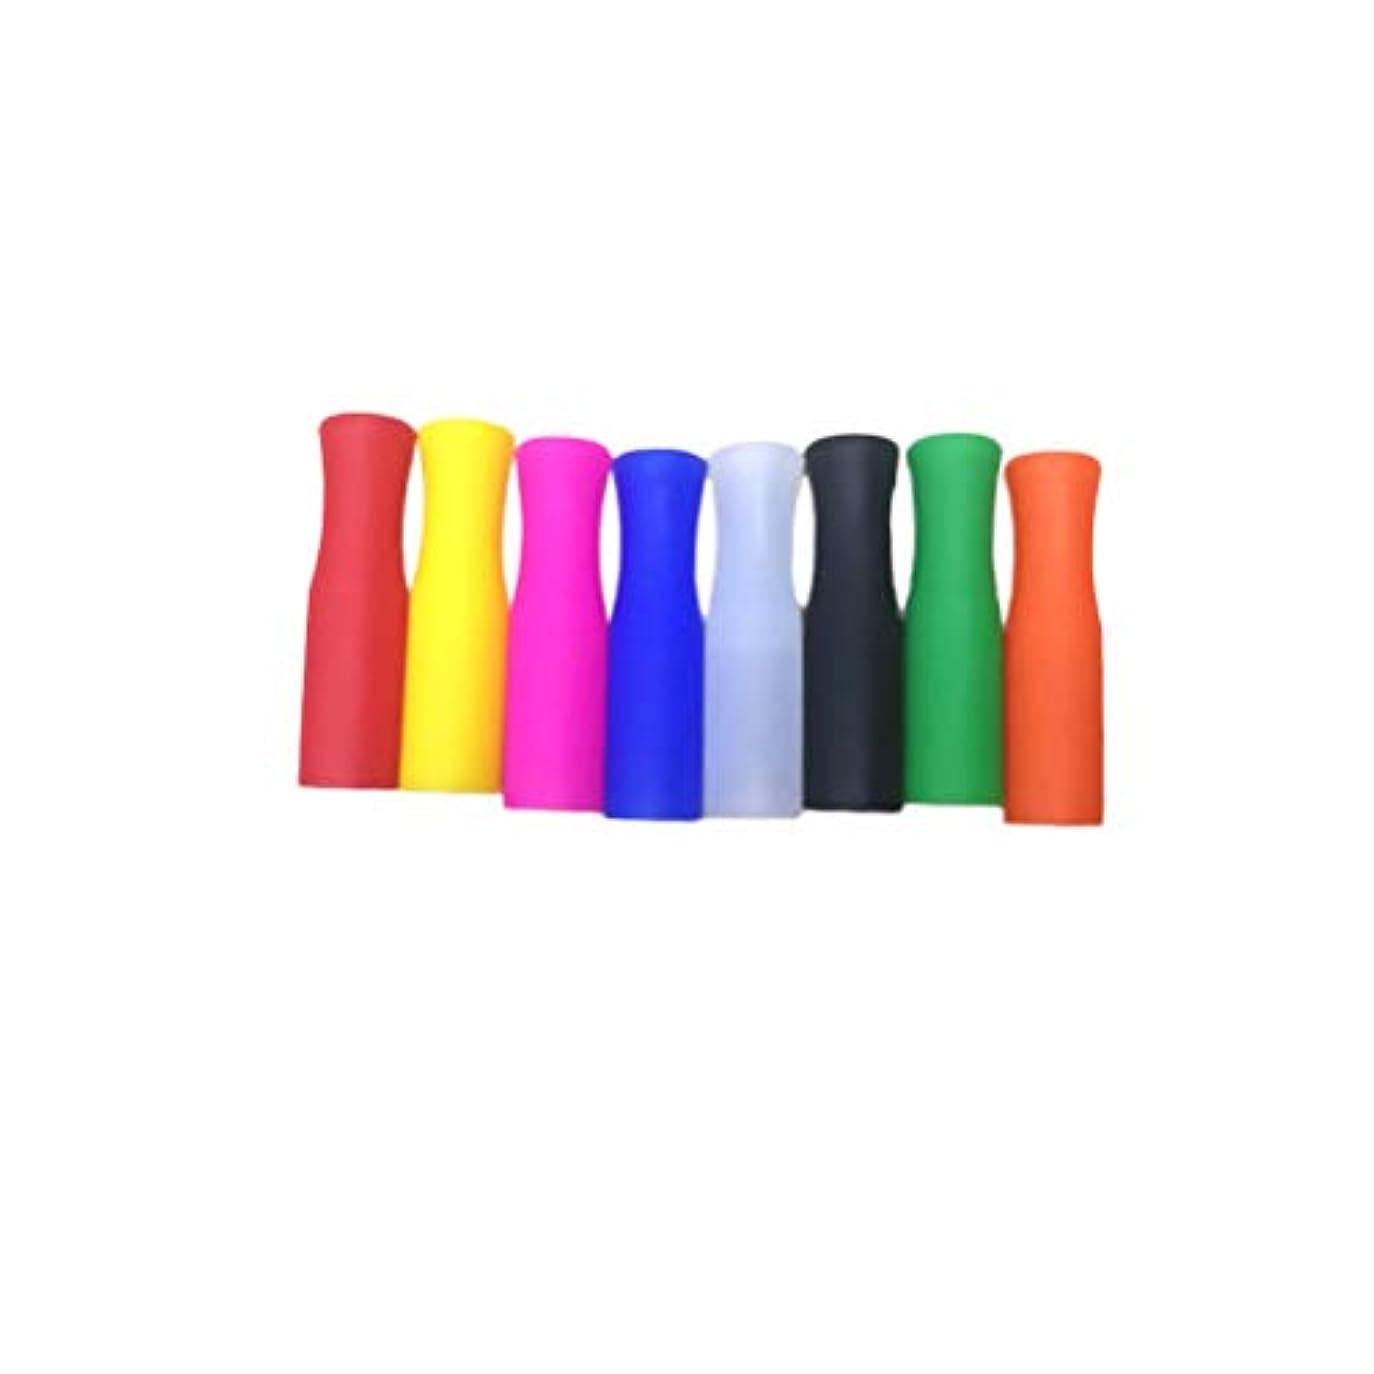 有名ラフ多用途Healifty シリコンストローチップ、多色食品グレードストローチップスステンレスストロー用ストロー(ランダムカラー)